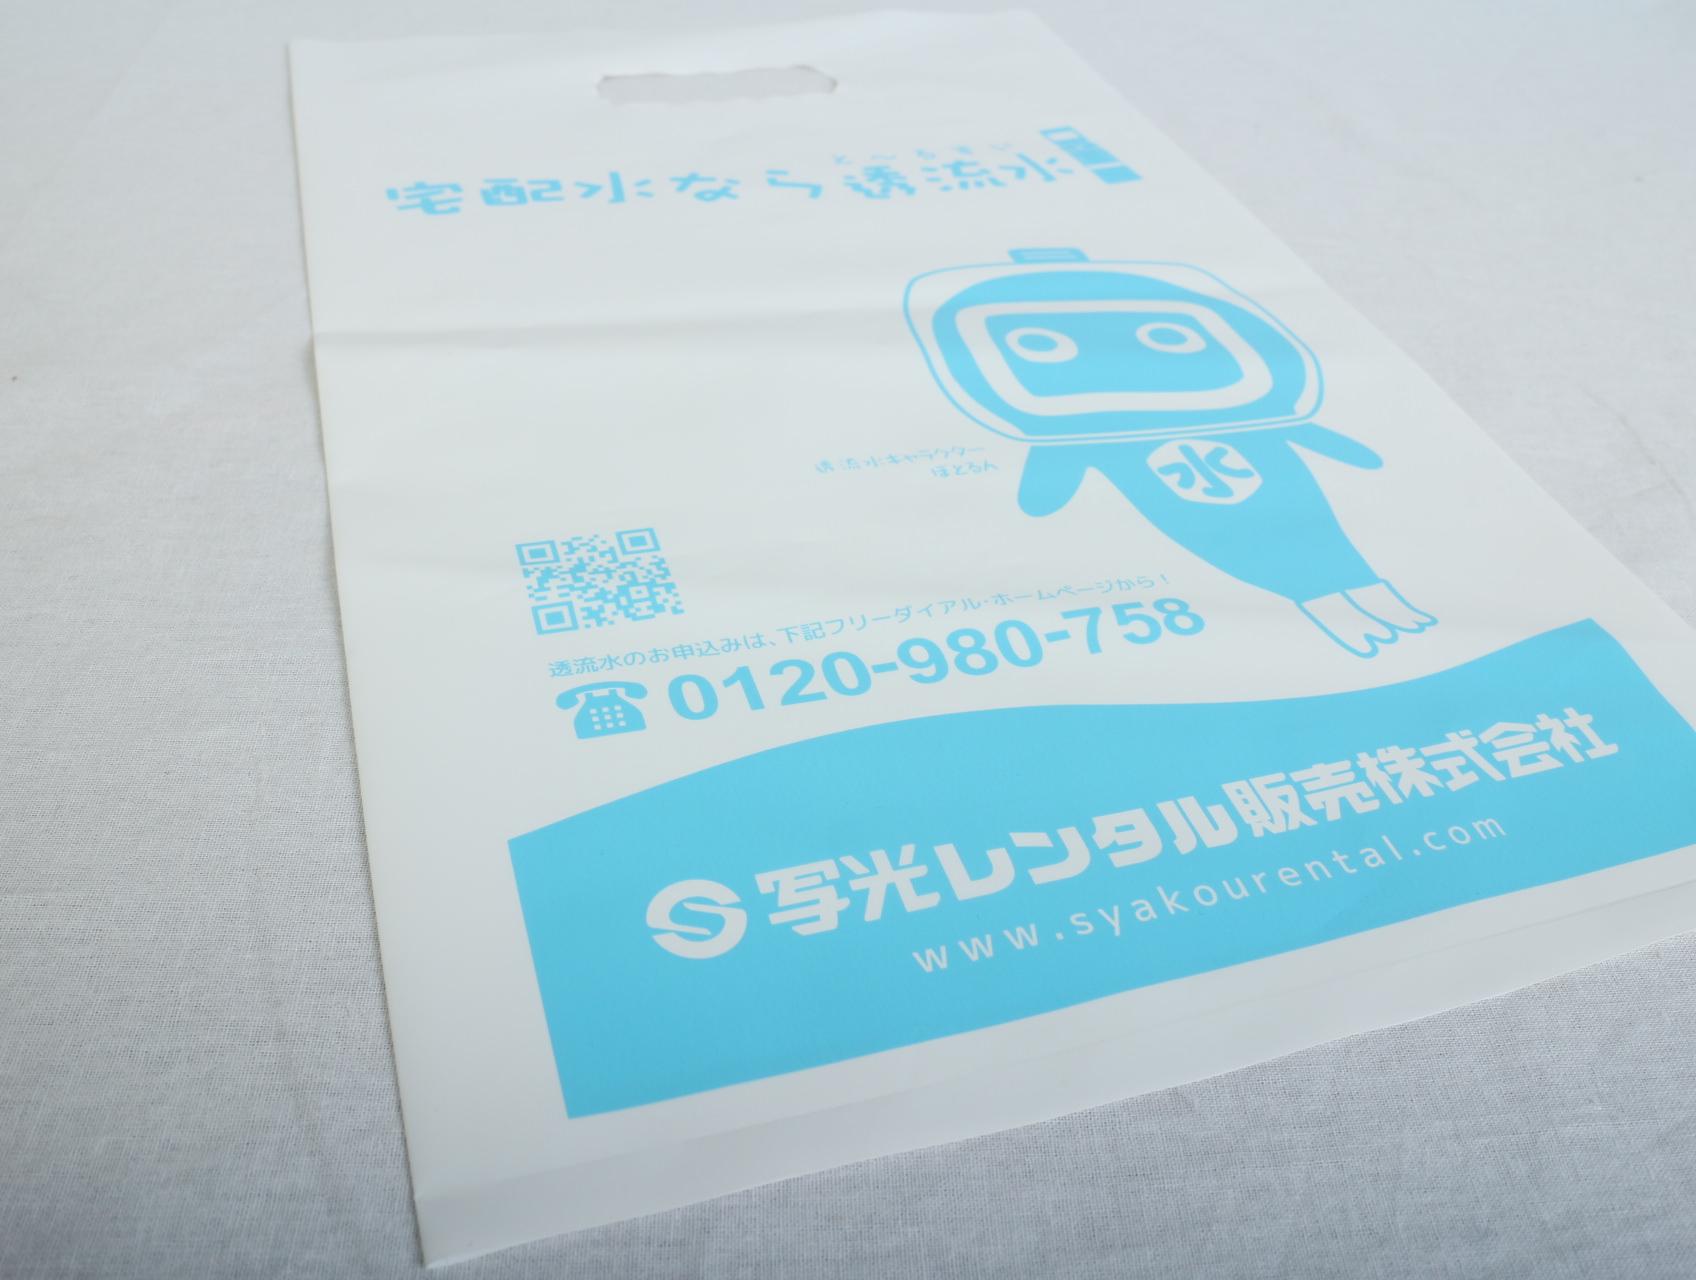 オフィス用品やウォーターサーバーを取り扱っています会社様のオリジナルポリ袋